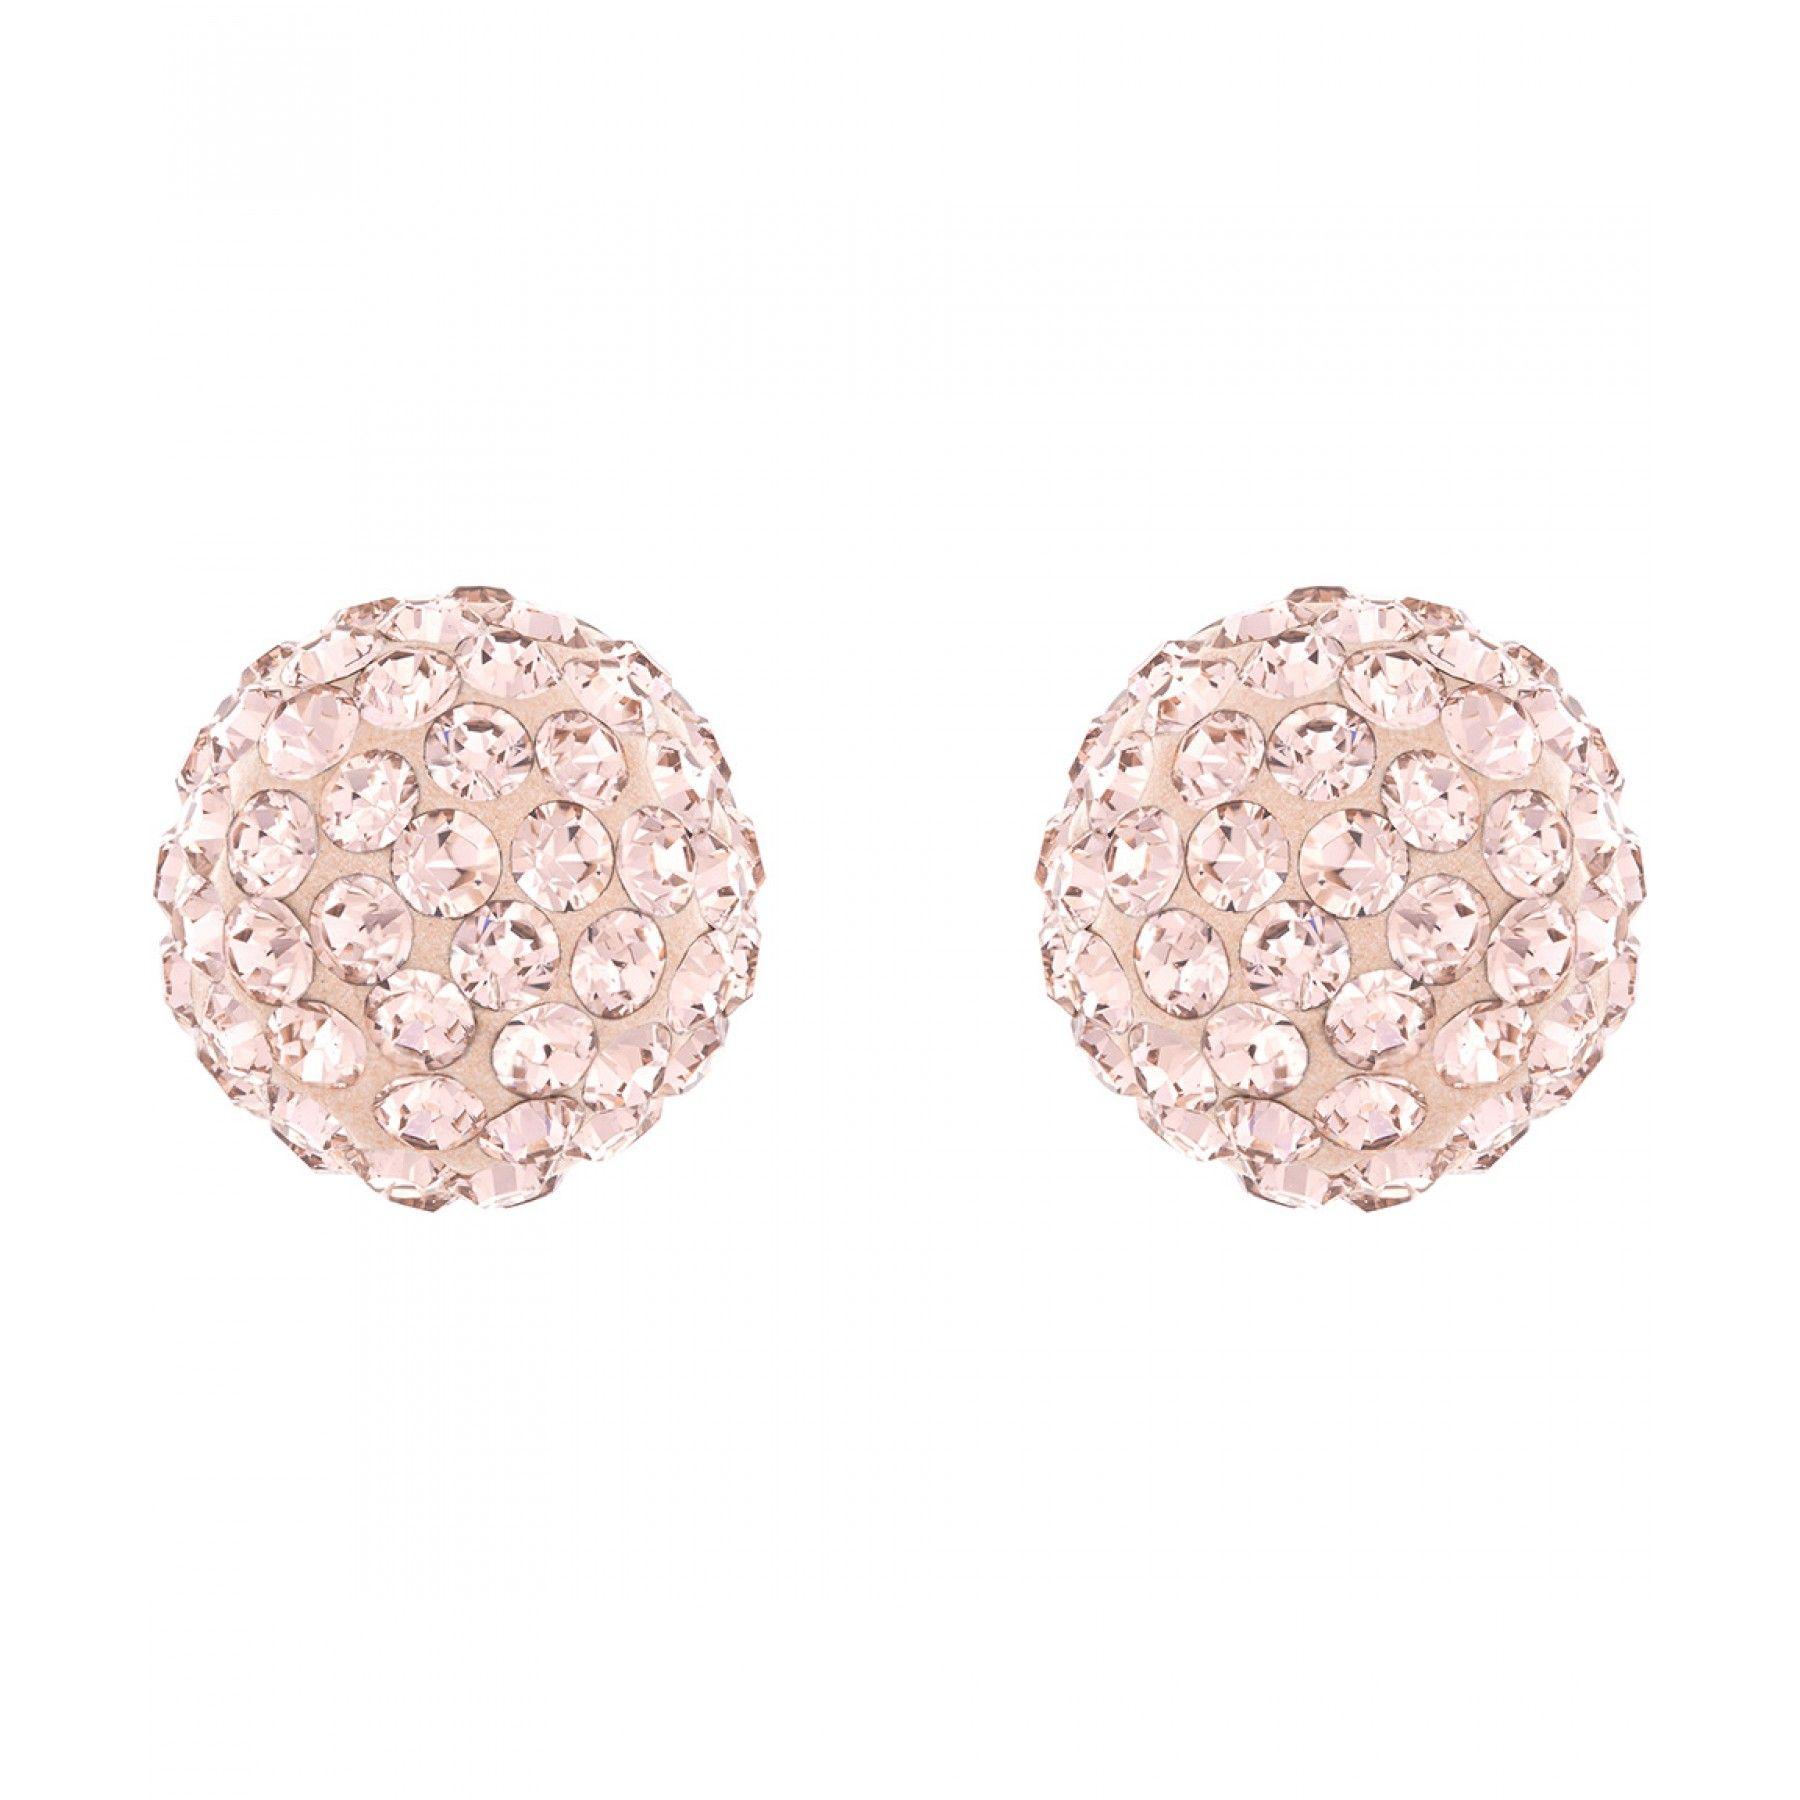 d88f1b7e13b1 Aretes Swarovski de la colección Blow con baño de oro rosa diseño esfera y  aplicaciones de cristales.